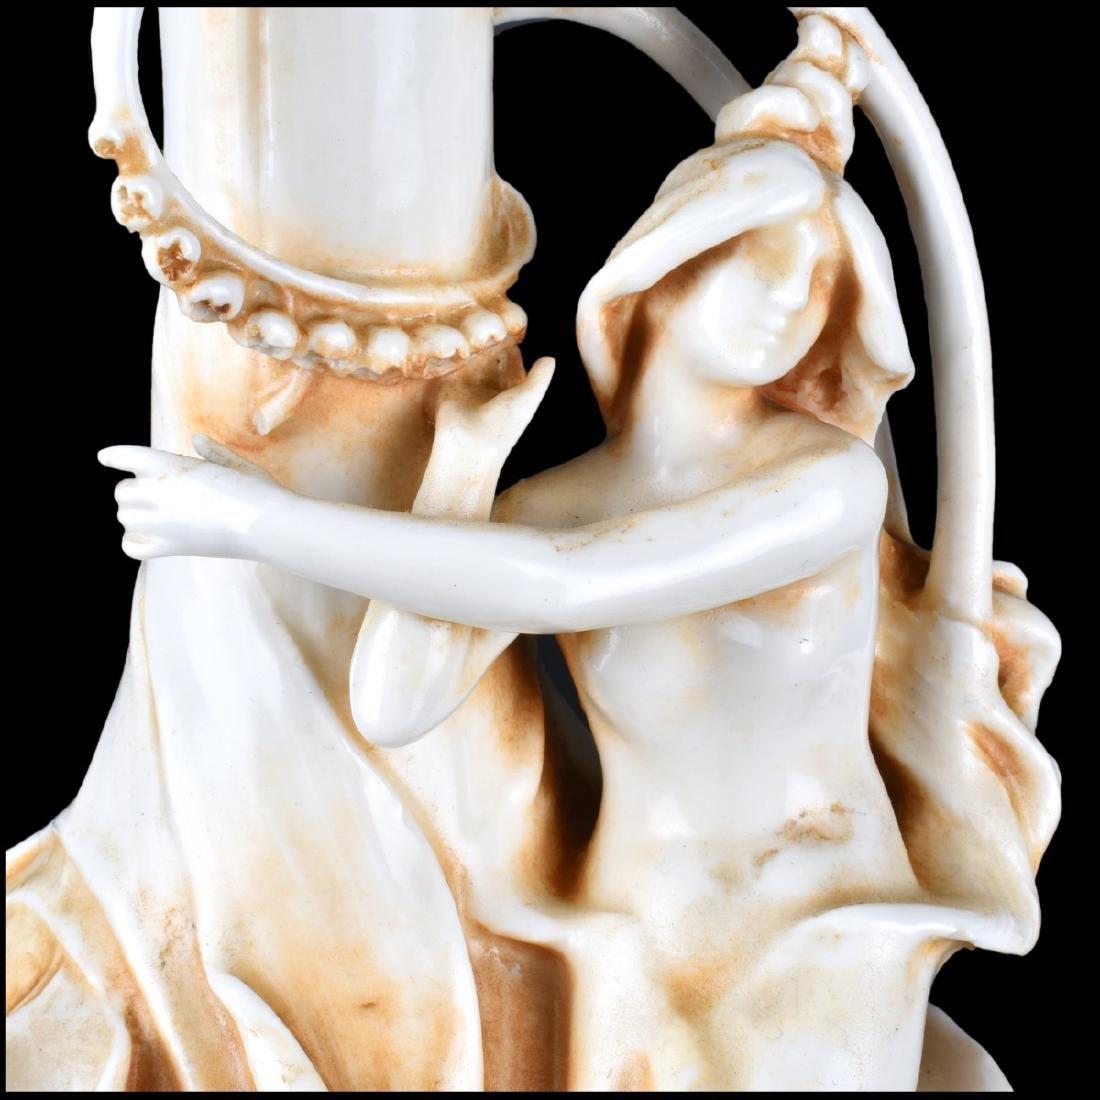 Antique Amphora Art Nouveau Porcelain Vase - 4